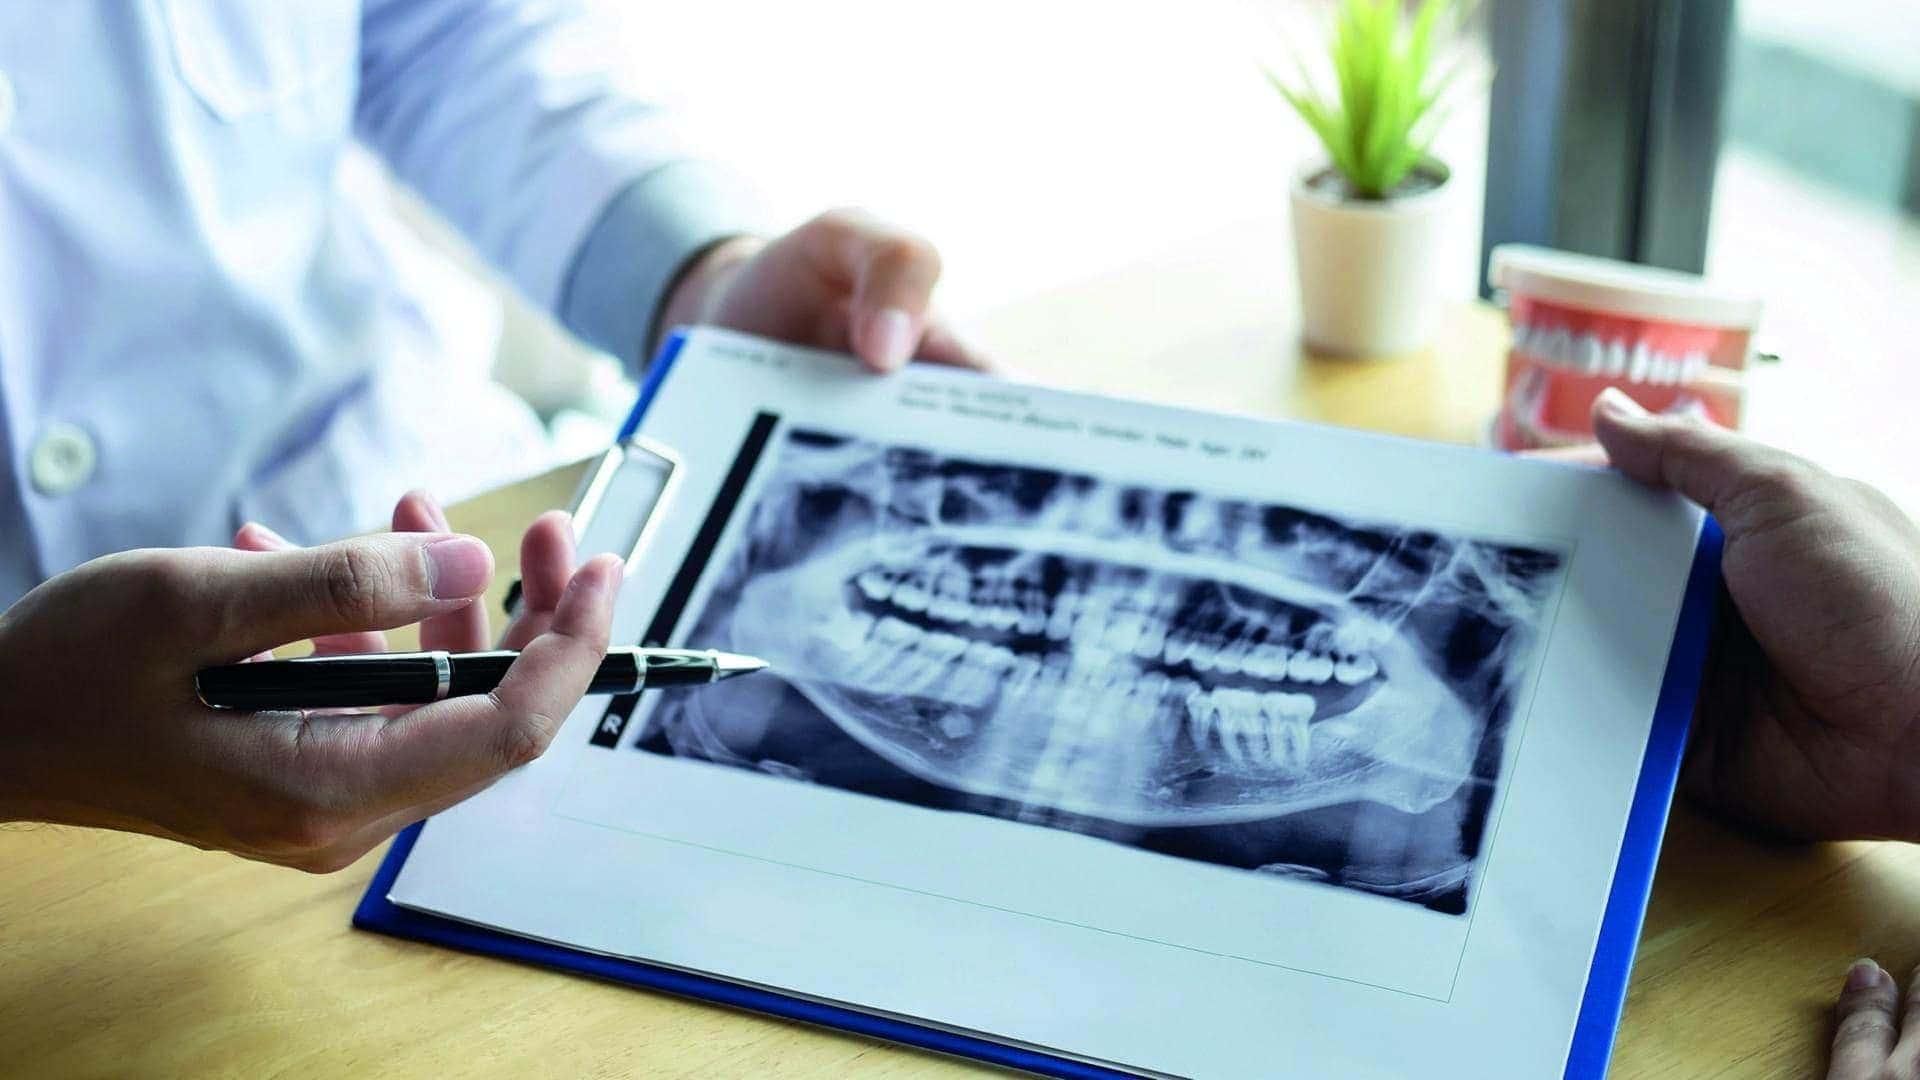 Βρουξισμός: Σφίξιμο και Τρίξιμο Δοντιών Αιτίες Και Θεραπεία